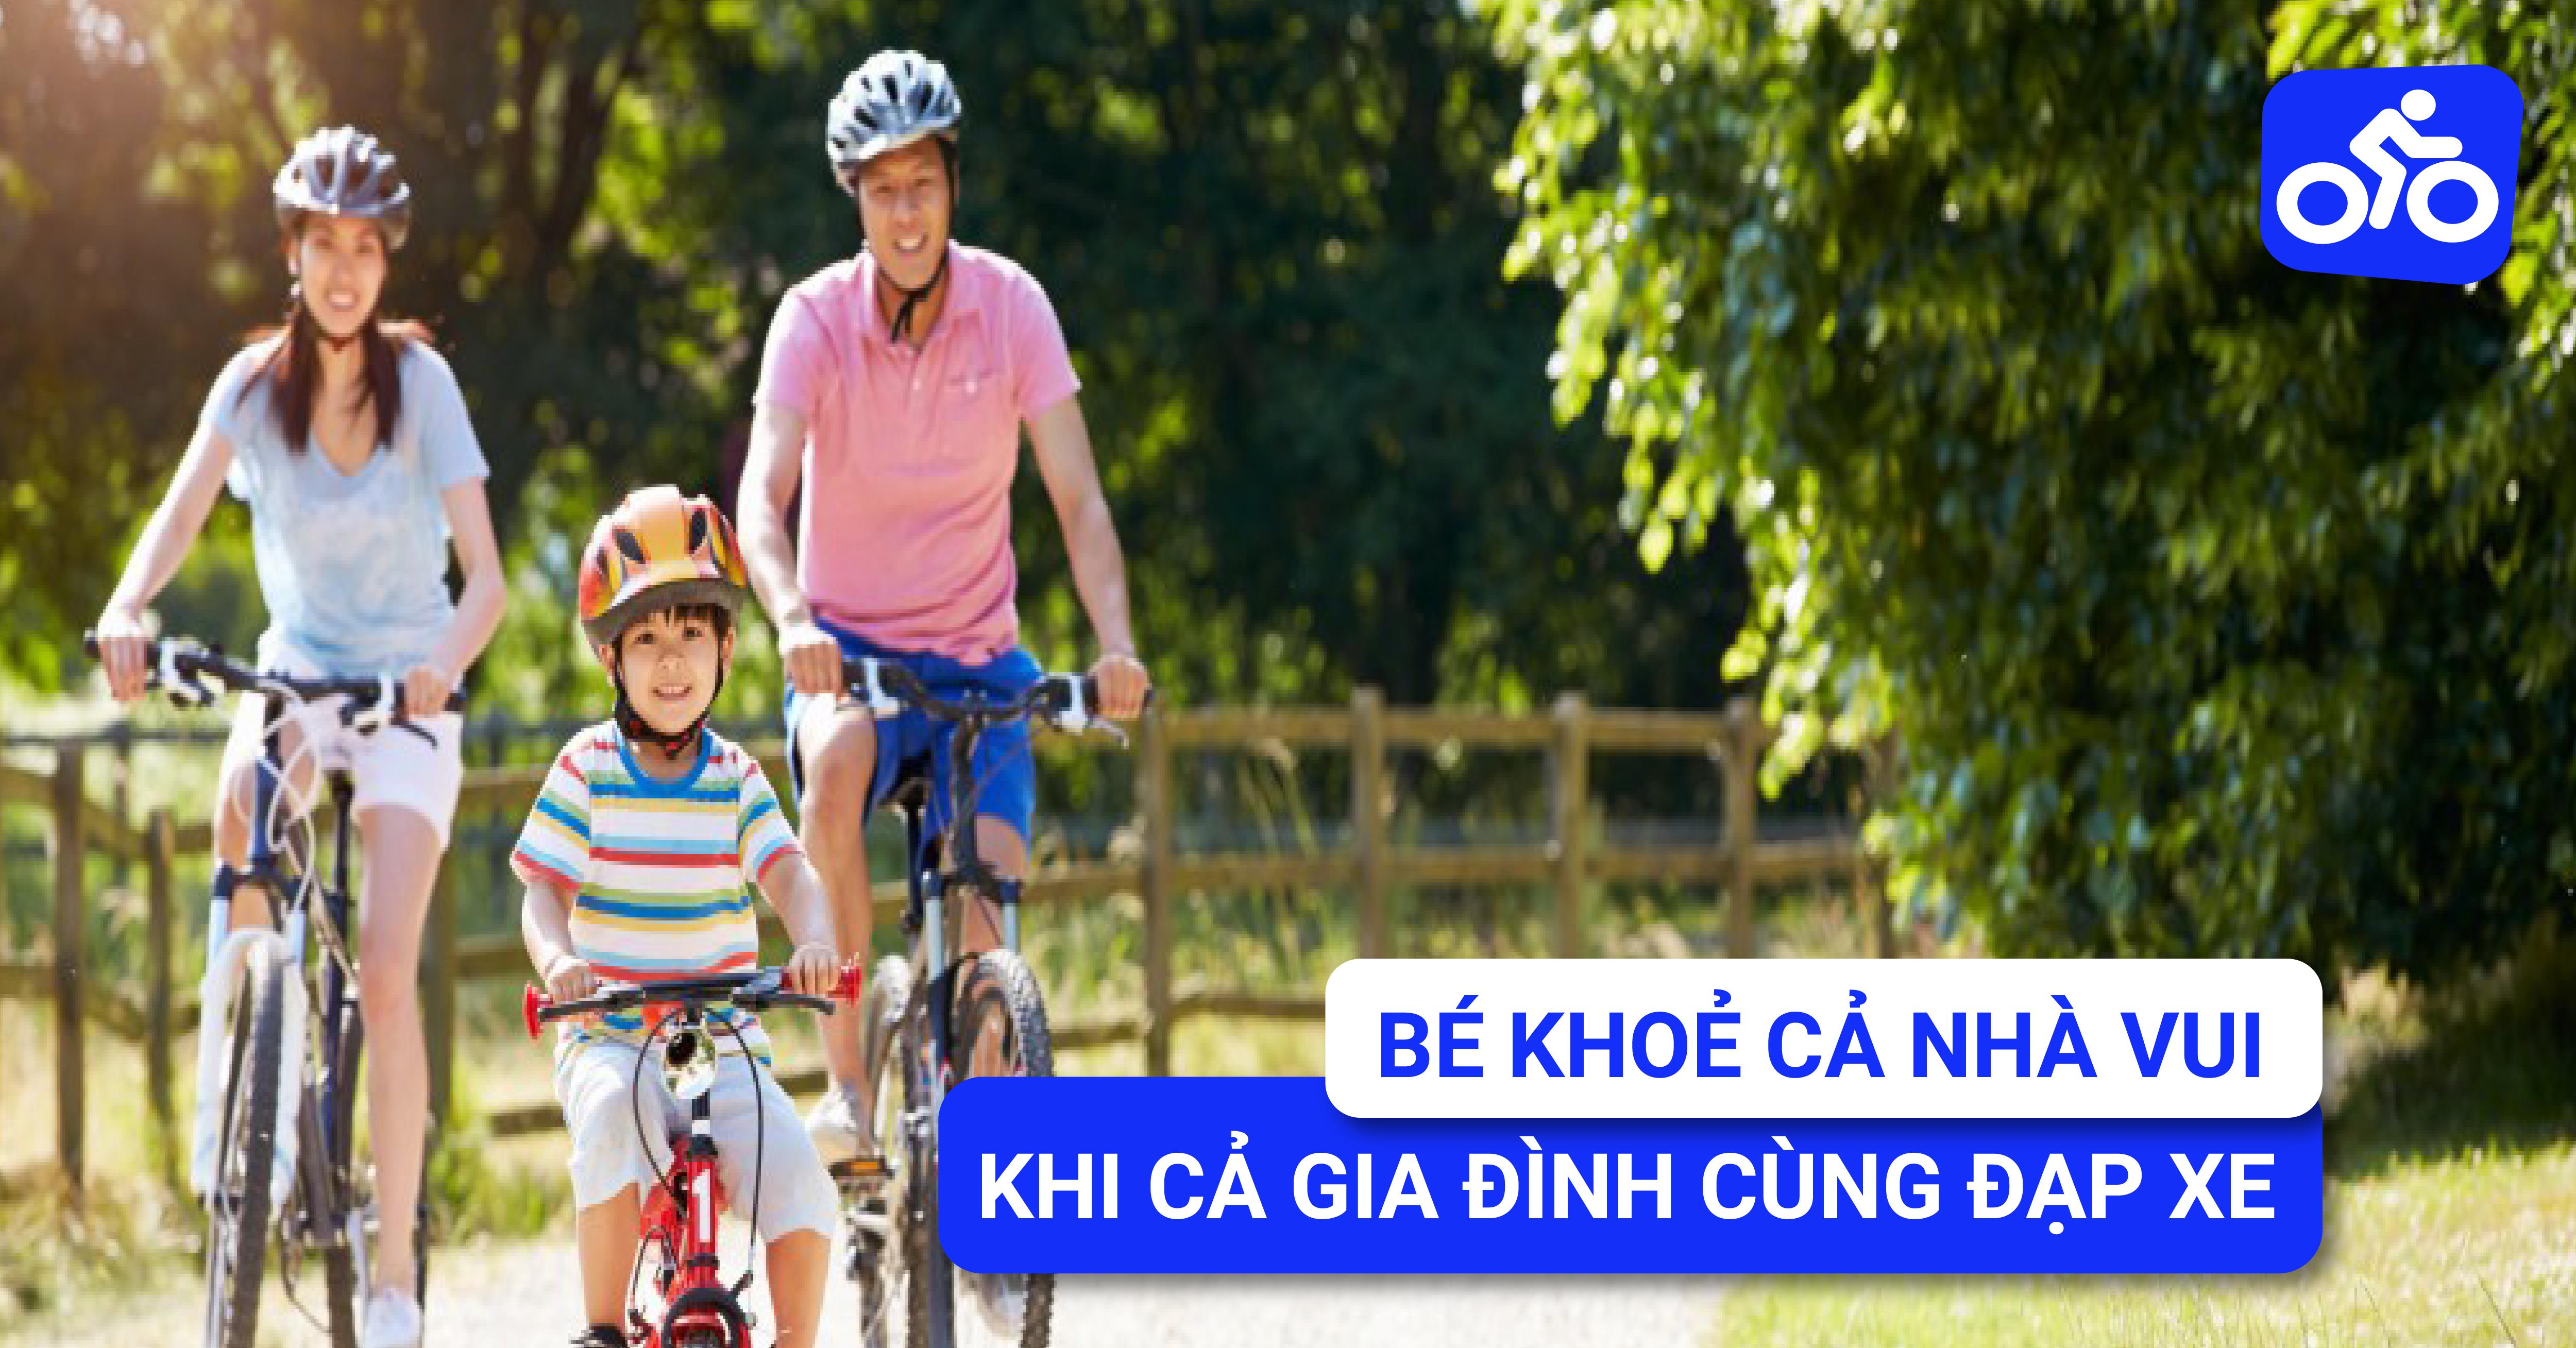 Bé khoẻ cả nhà vui nhờ xu hướng cả gia đình cùng đạp xe